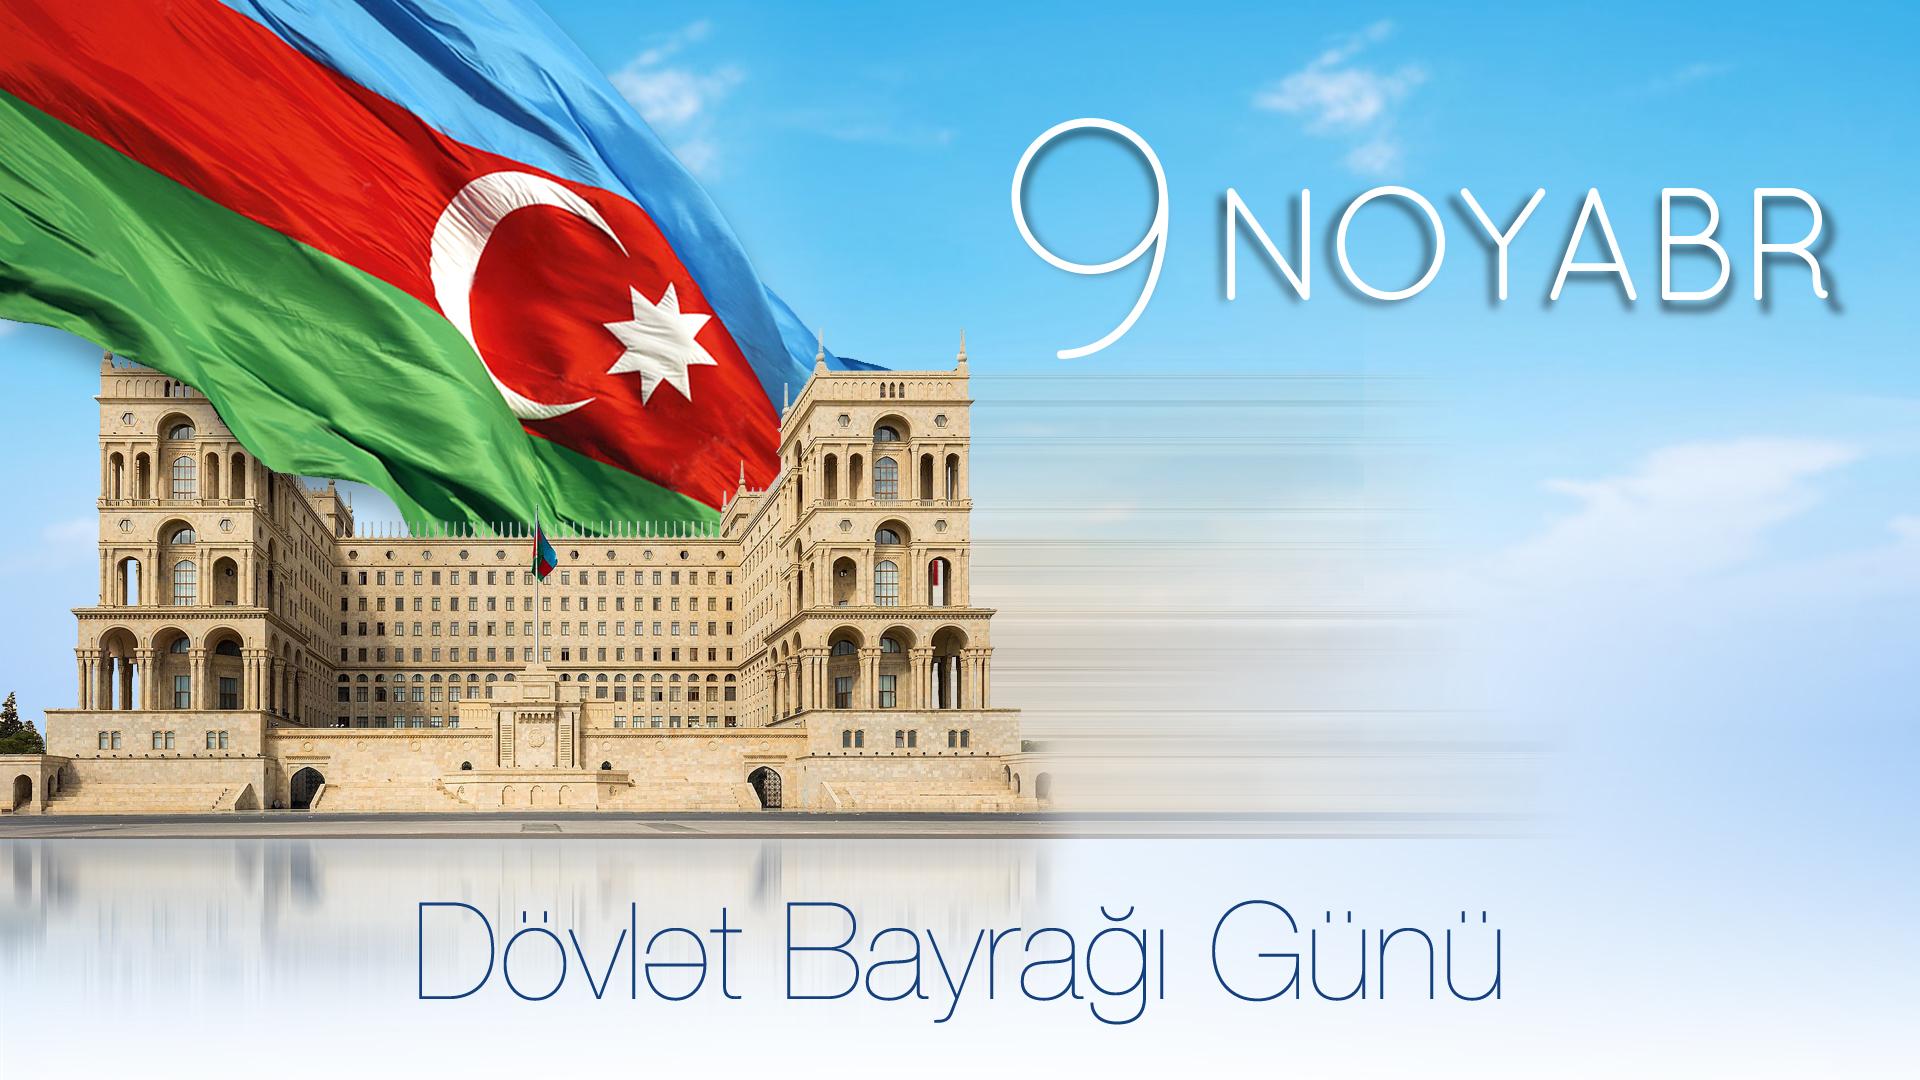 9 Noyabr Azərbaycan Respublikasinin Dovlət Bayragi Gunudur